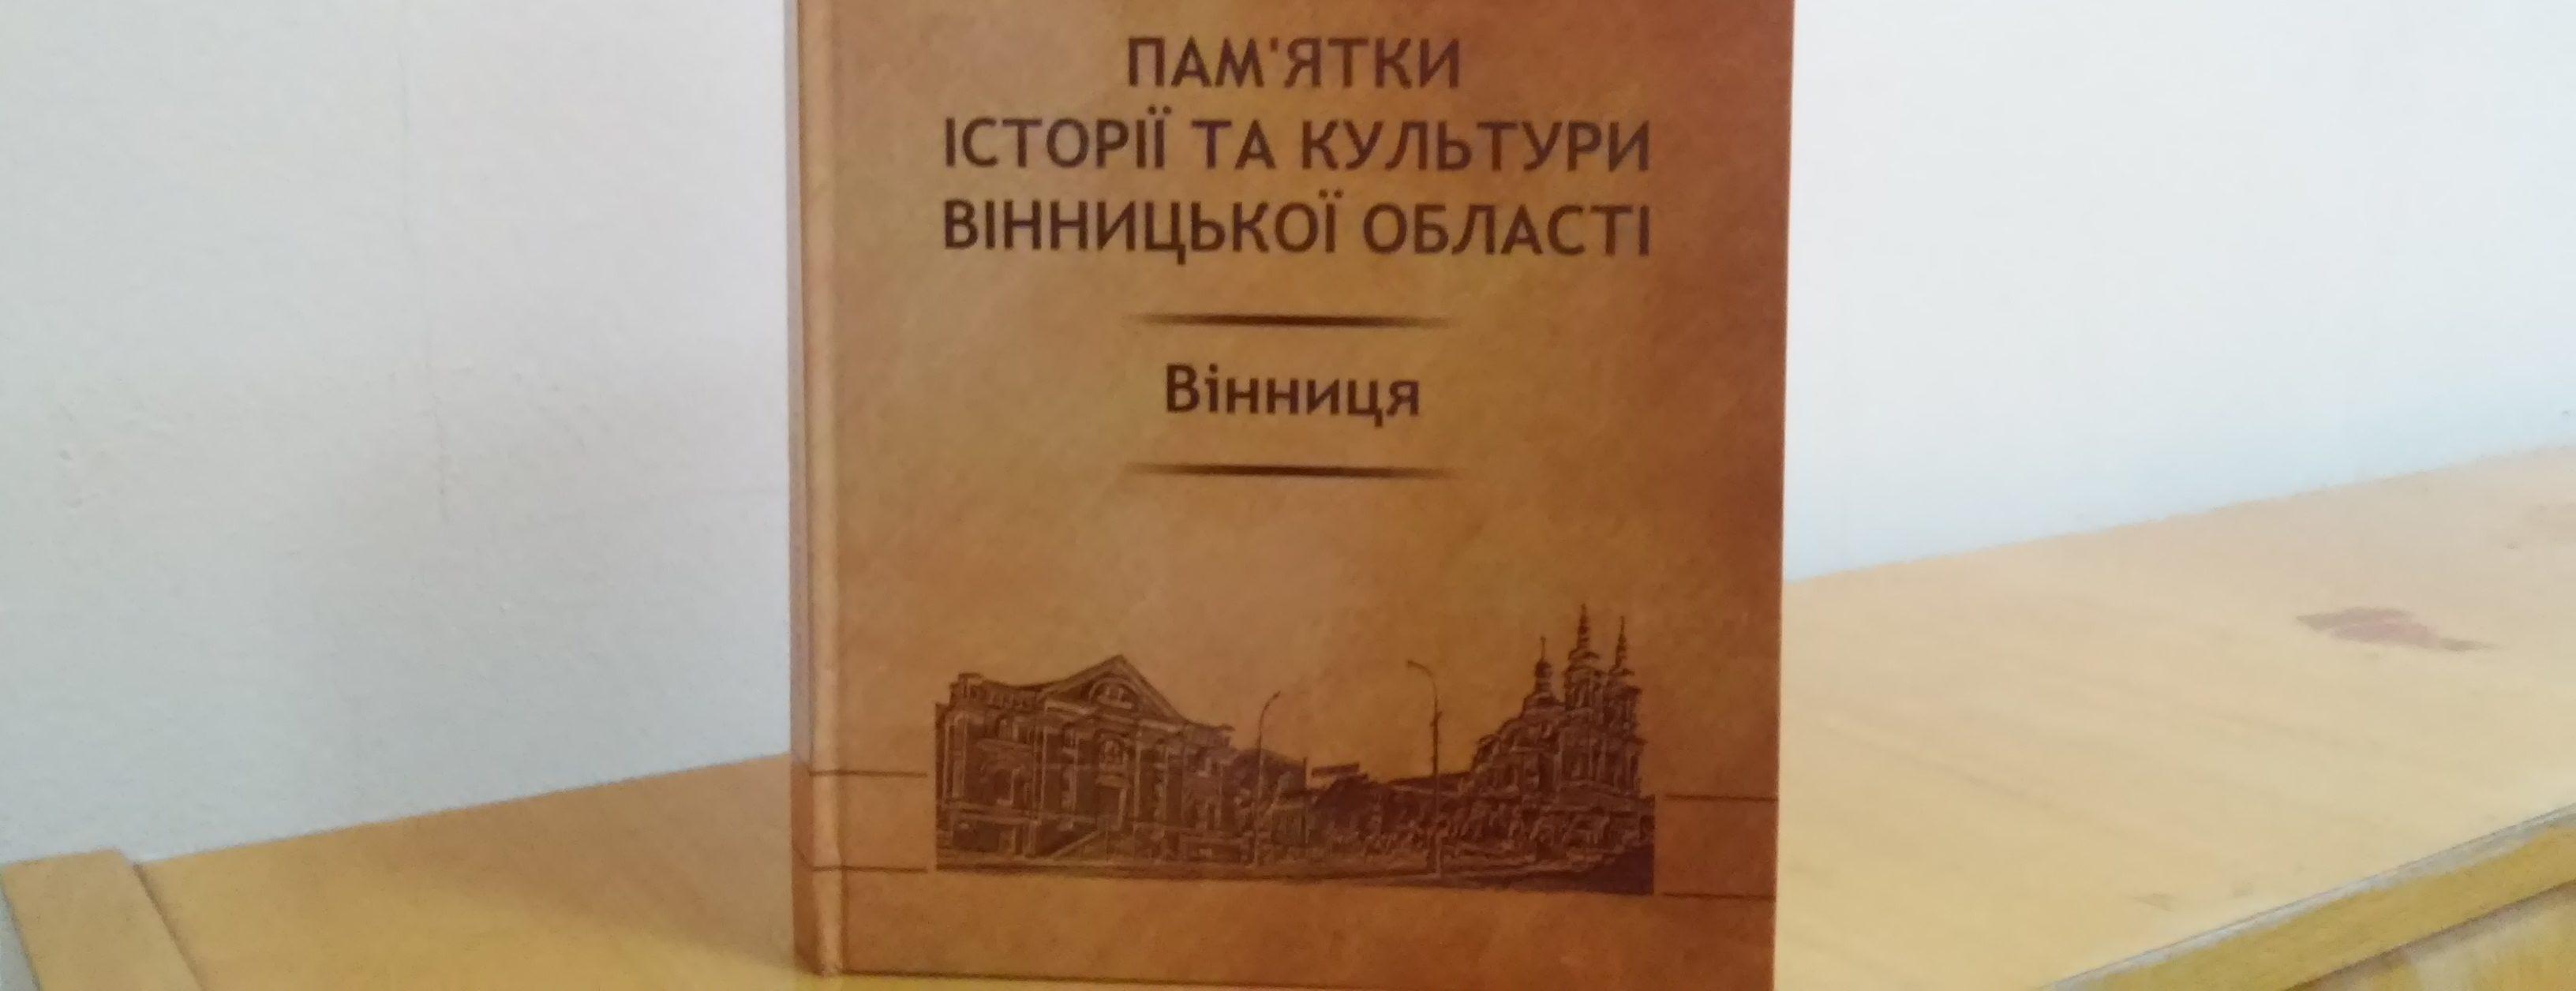 Над книгою про пам'ятки історії Вінниці працювали понад сім років